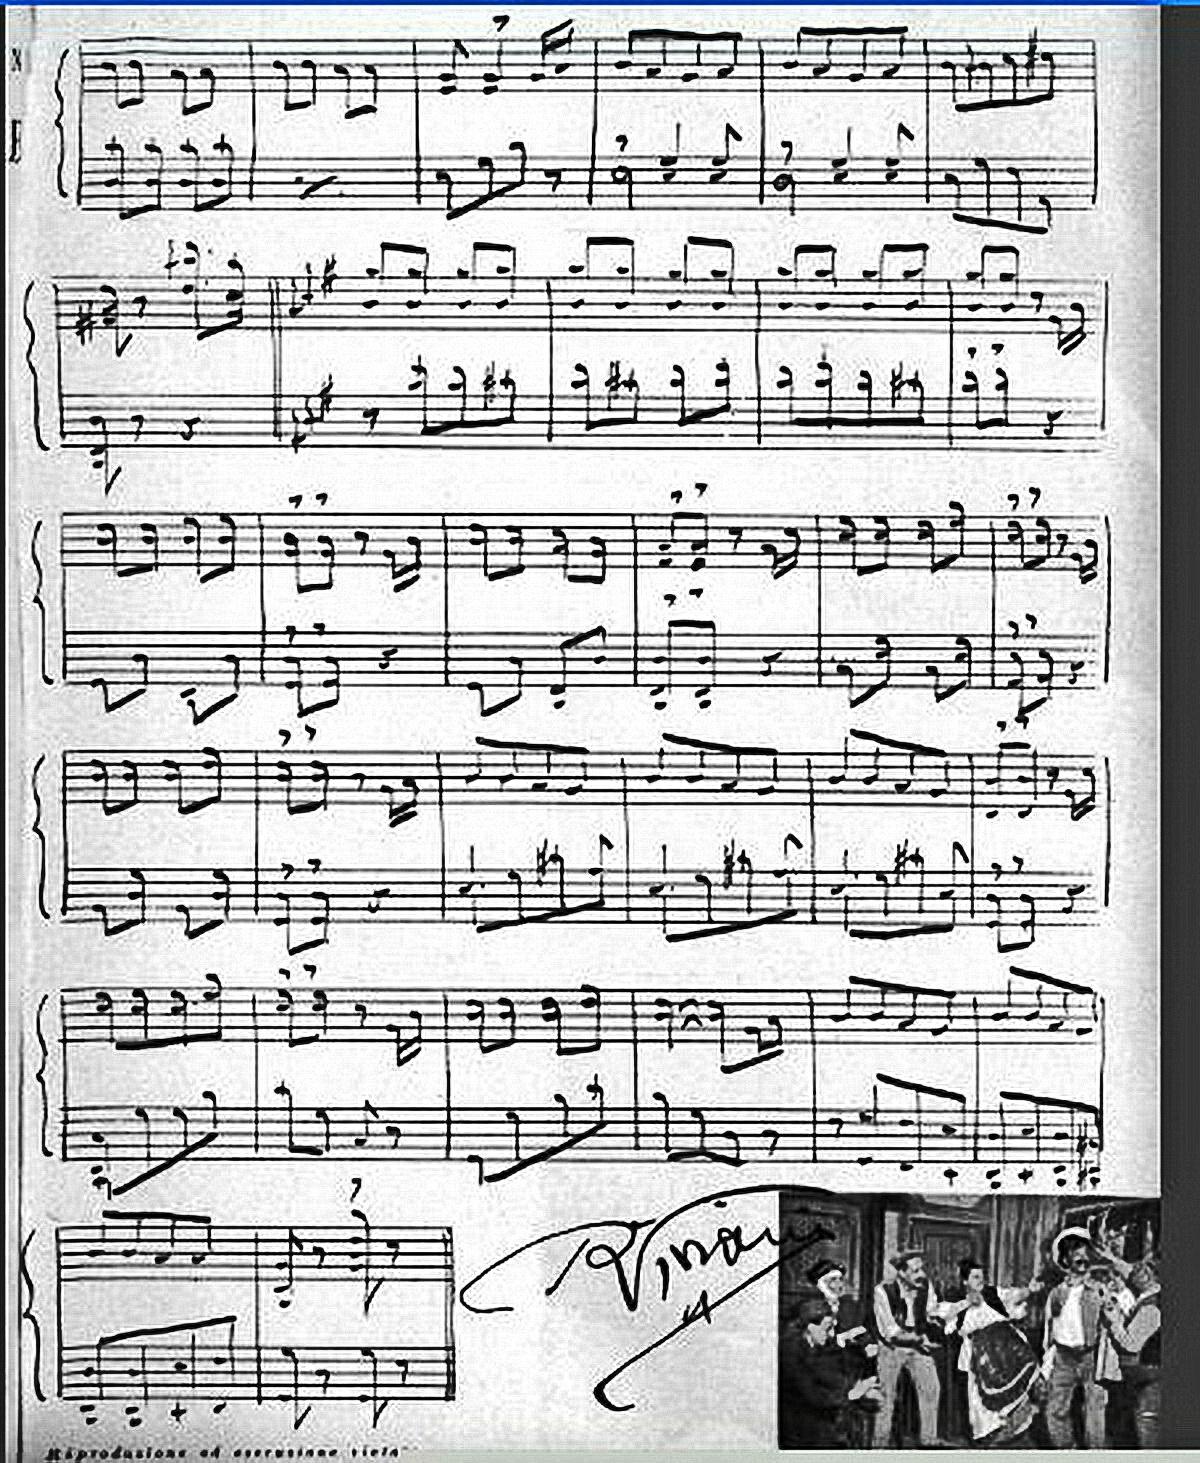 Raffaele Viviani, Serenata2